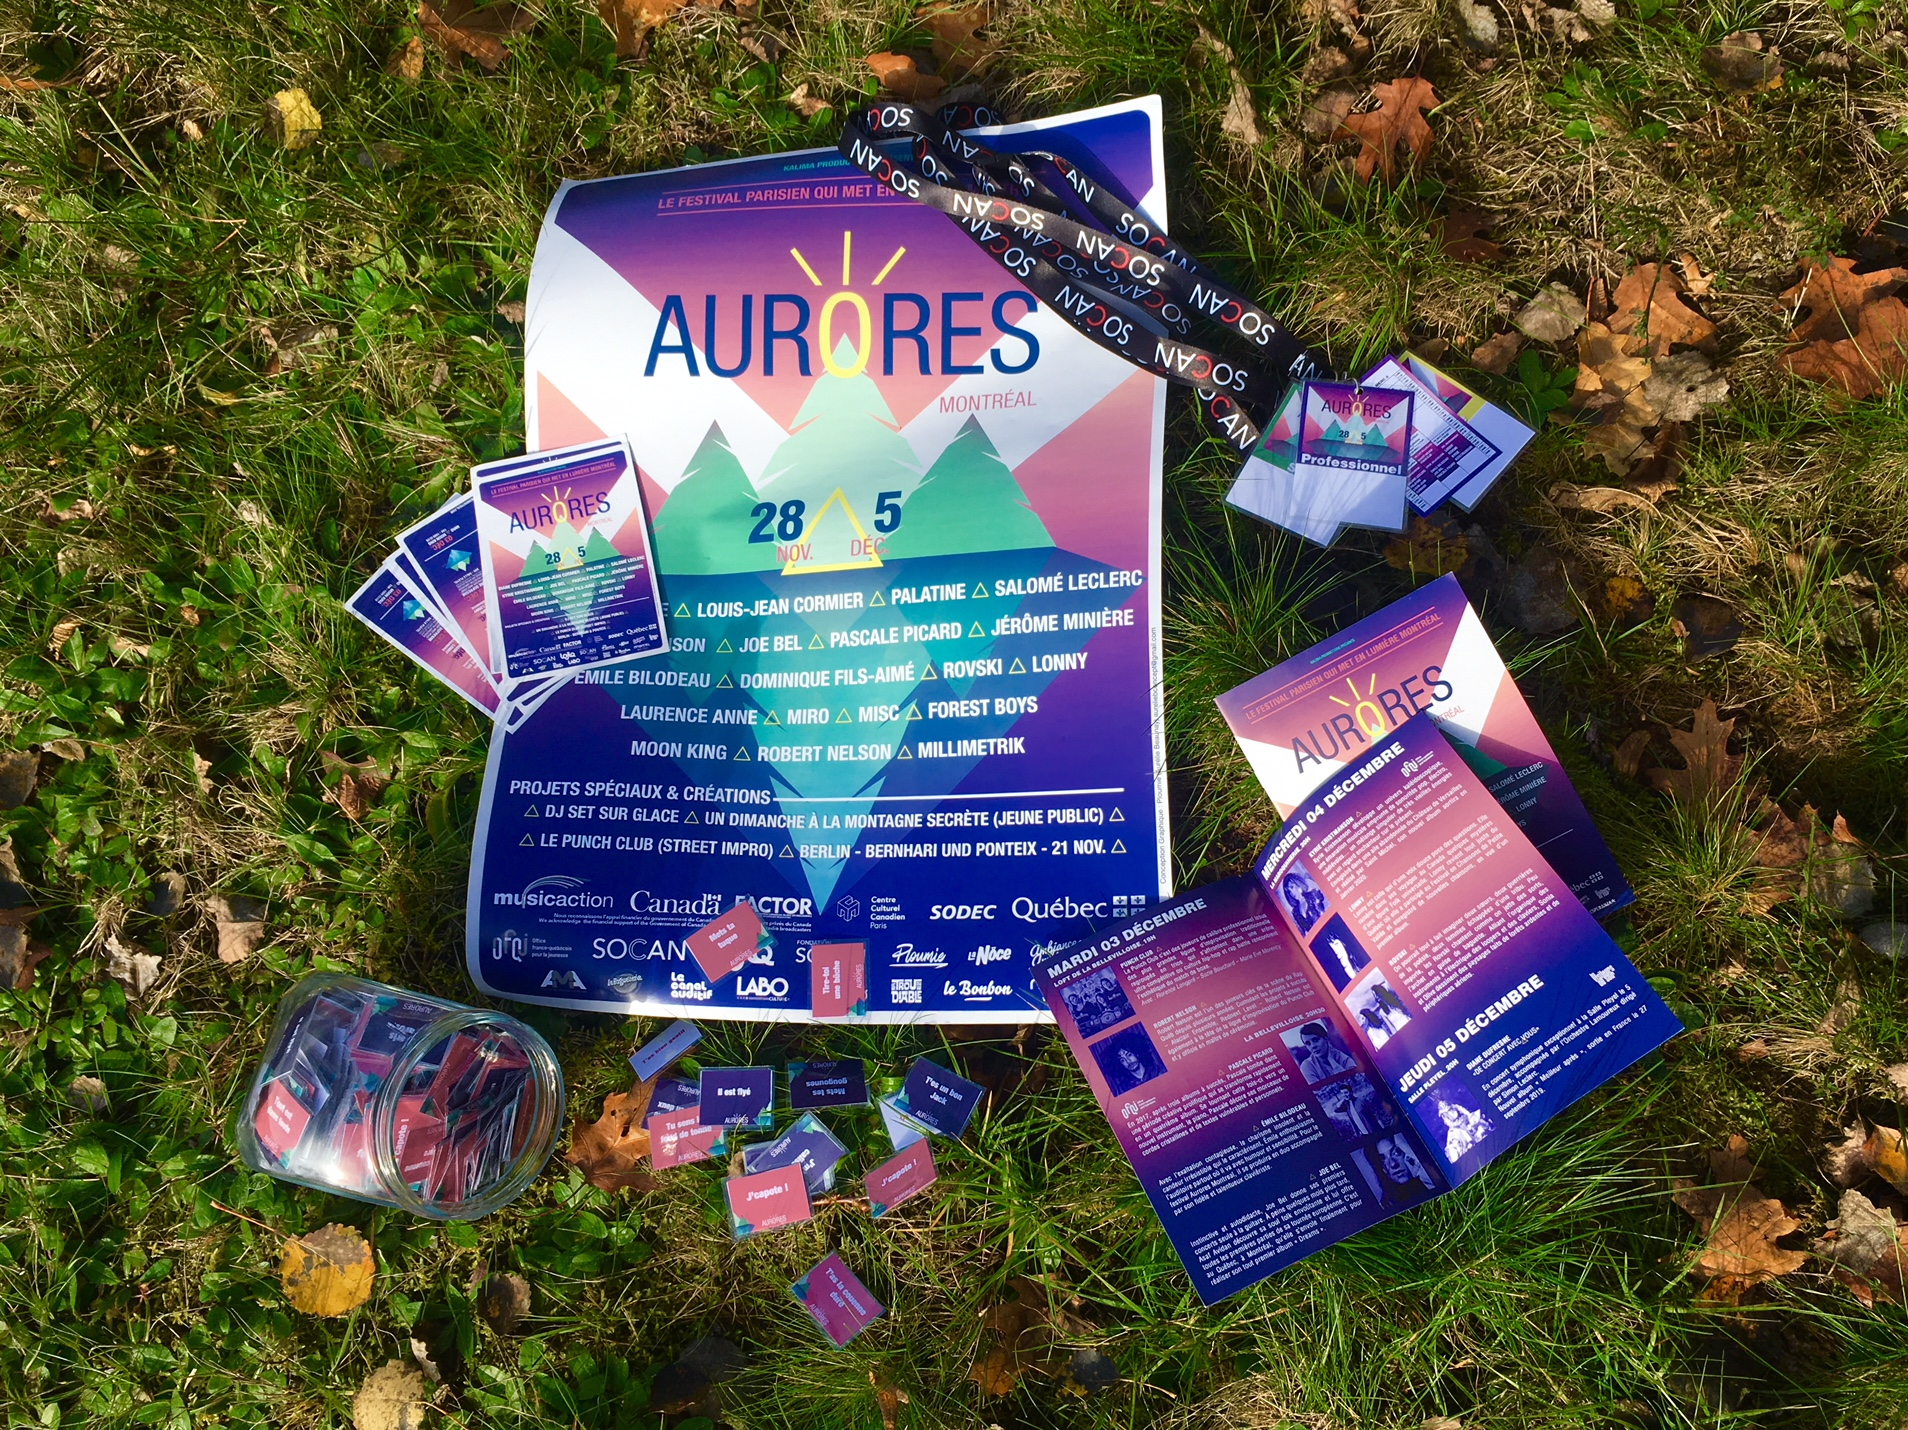 Aurores Montréal - Supports de communication